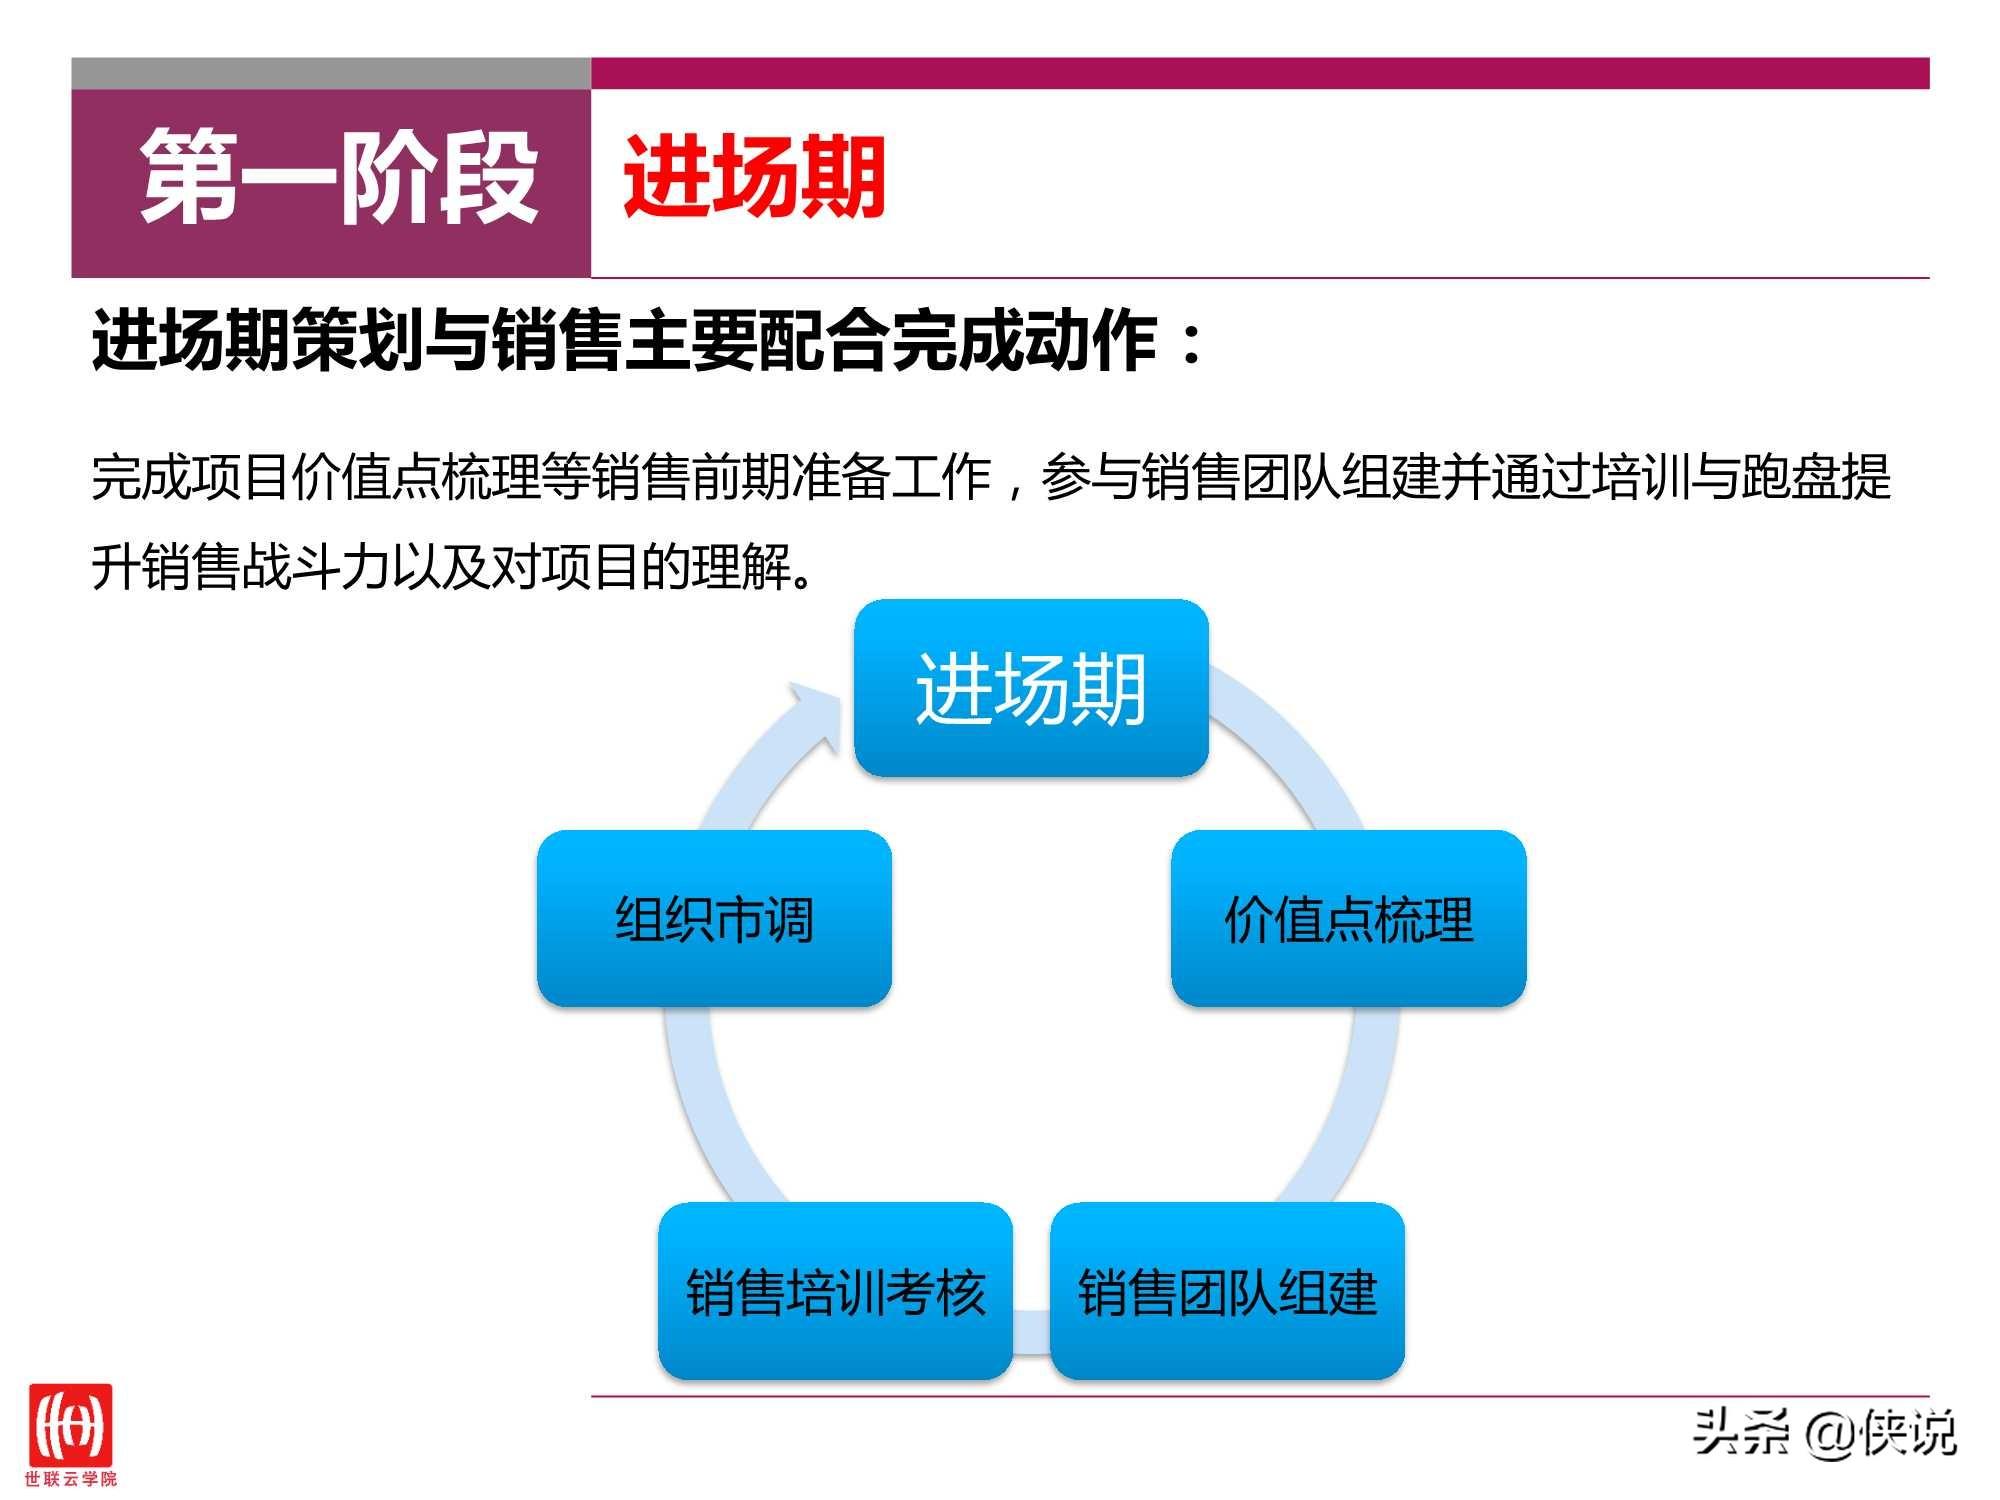 房地产:策划与销售如何配合以提升销售力